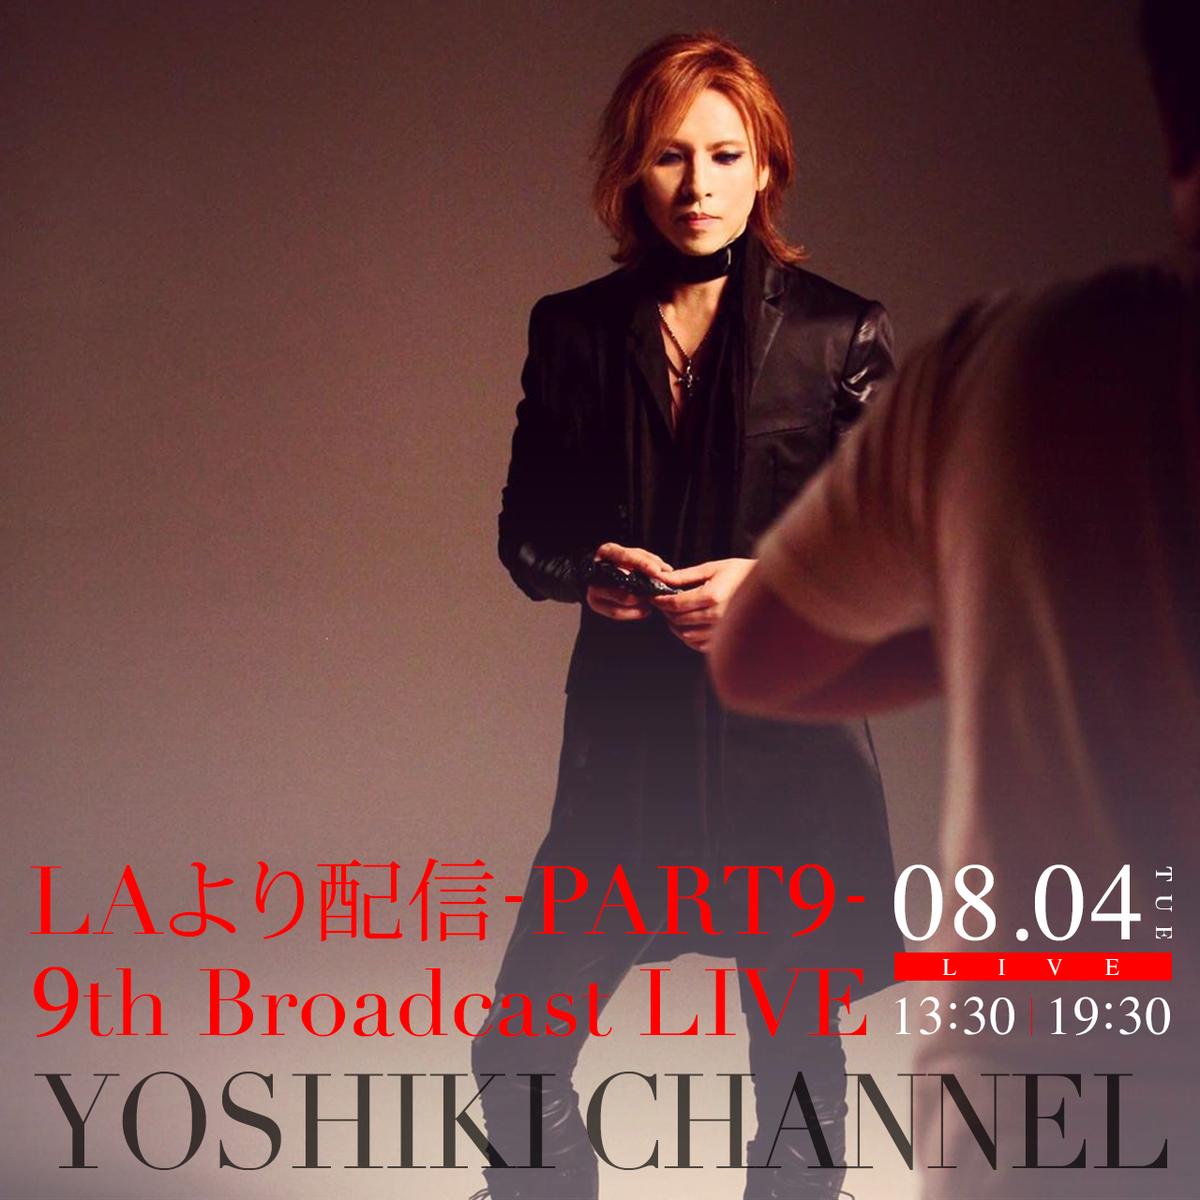 【今夜19:30〜生放送】#YOSHIKI #LAより 配信 -PART9-PART2 19:30の回に #真矢 ( #LUNASEA)が登場Japan → International→ @YoshikiOfficial@331shinya@LUNASEAOFFICIAL